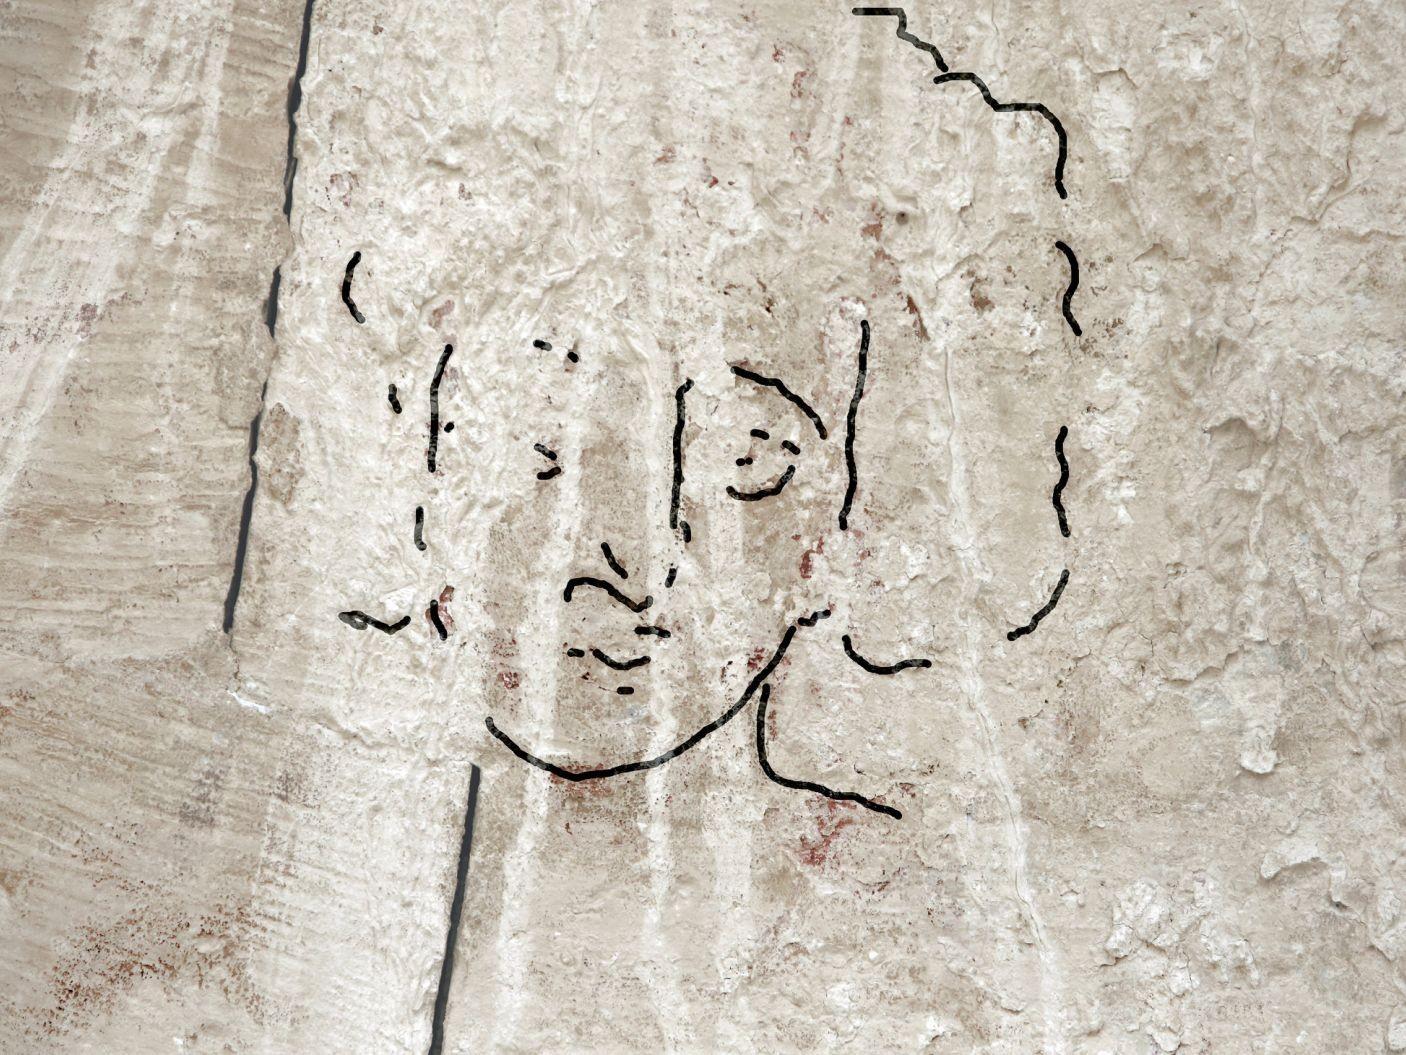 Desenho que retrataria o rosto de Jesus (Foto: Divulgação/Dror Maayan)